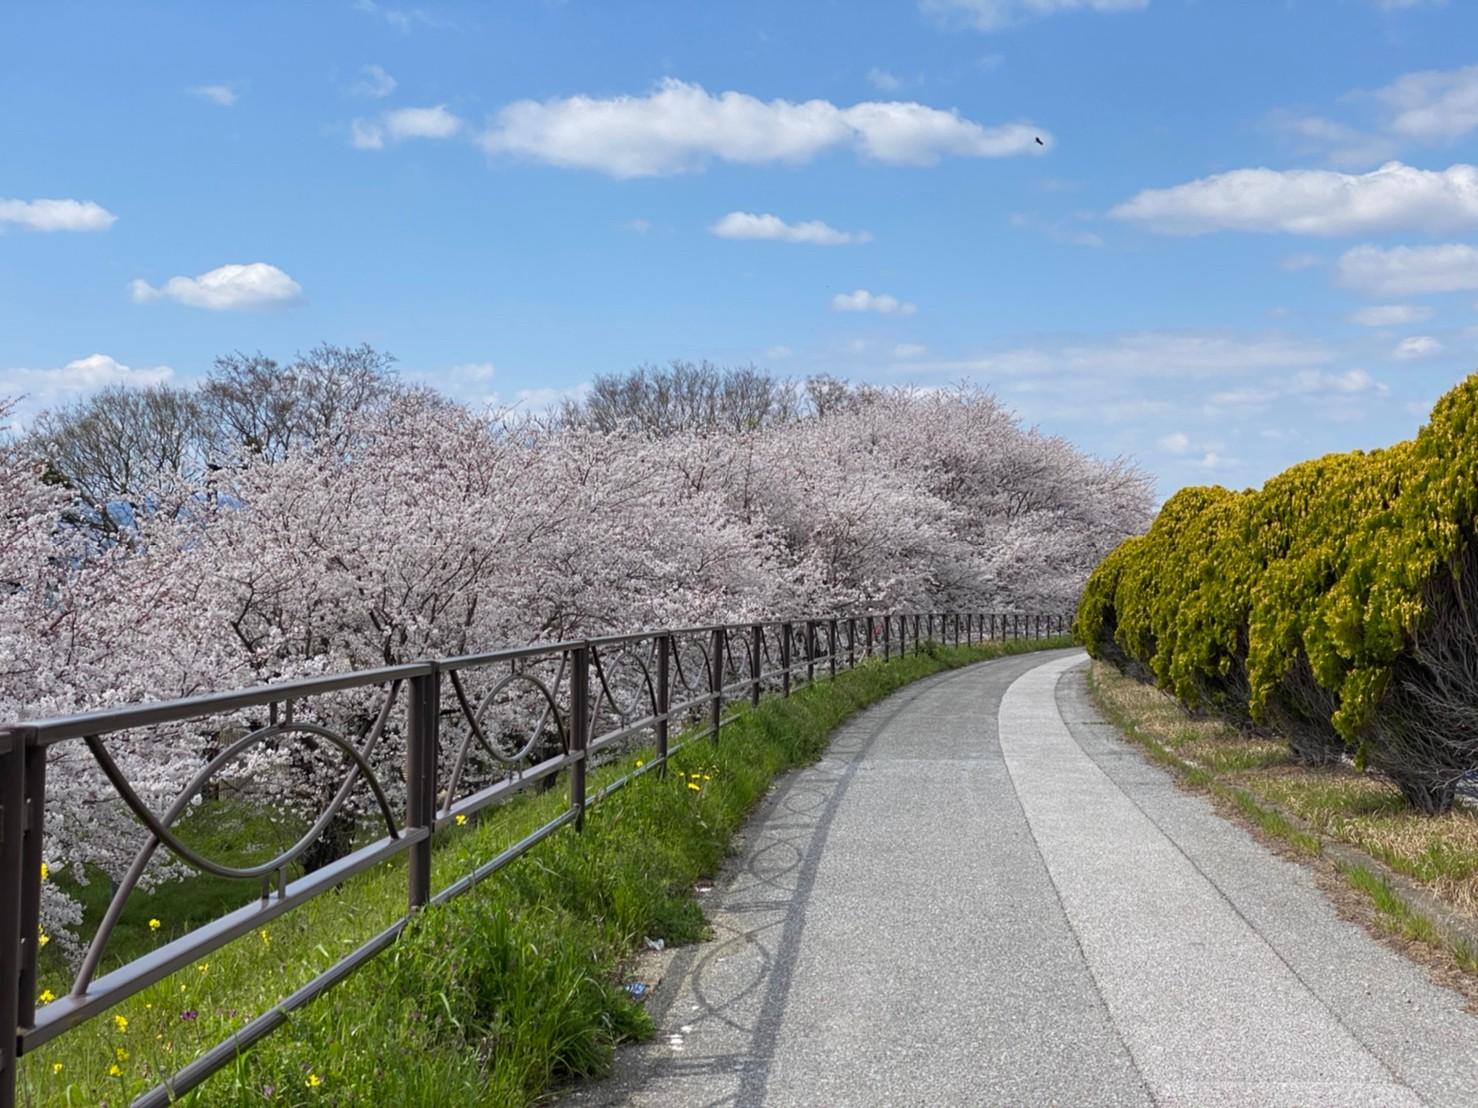 【長浜市】『姉川大橋:あねがわおおはし』の写真スポット